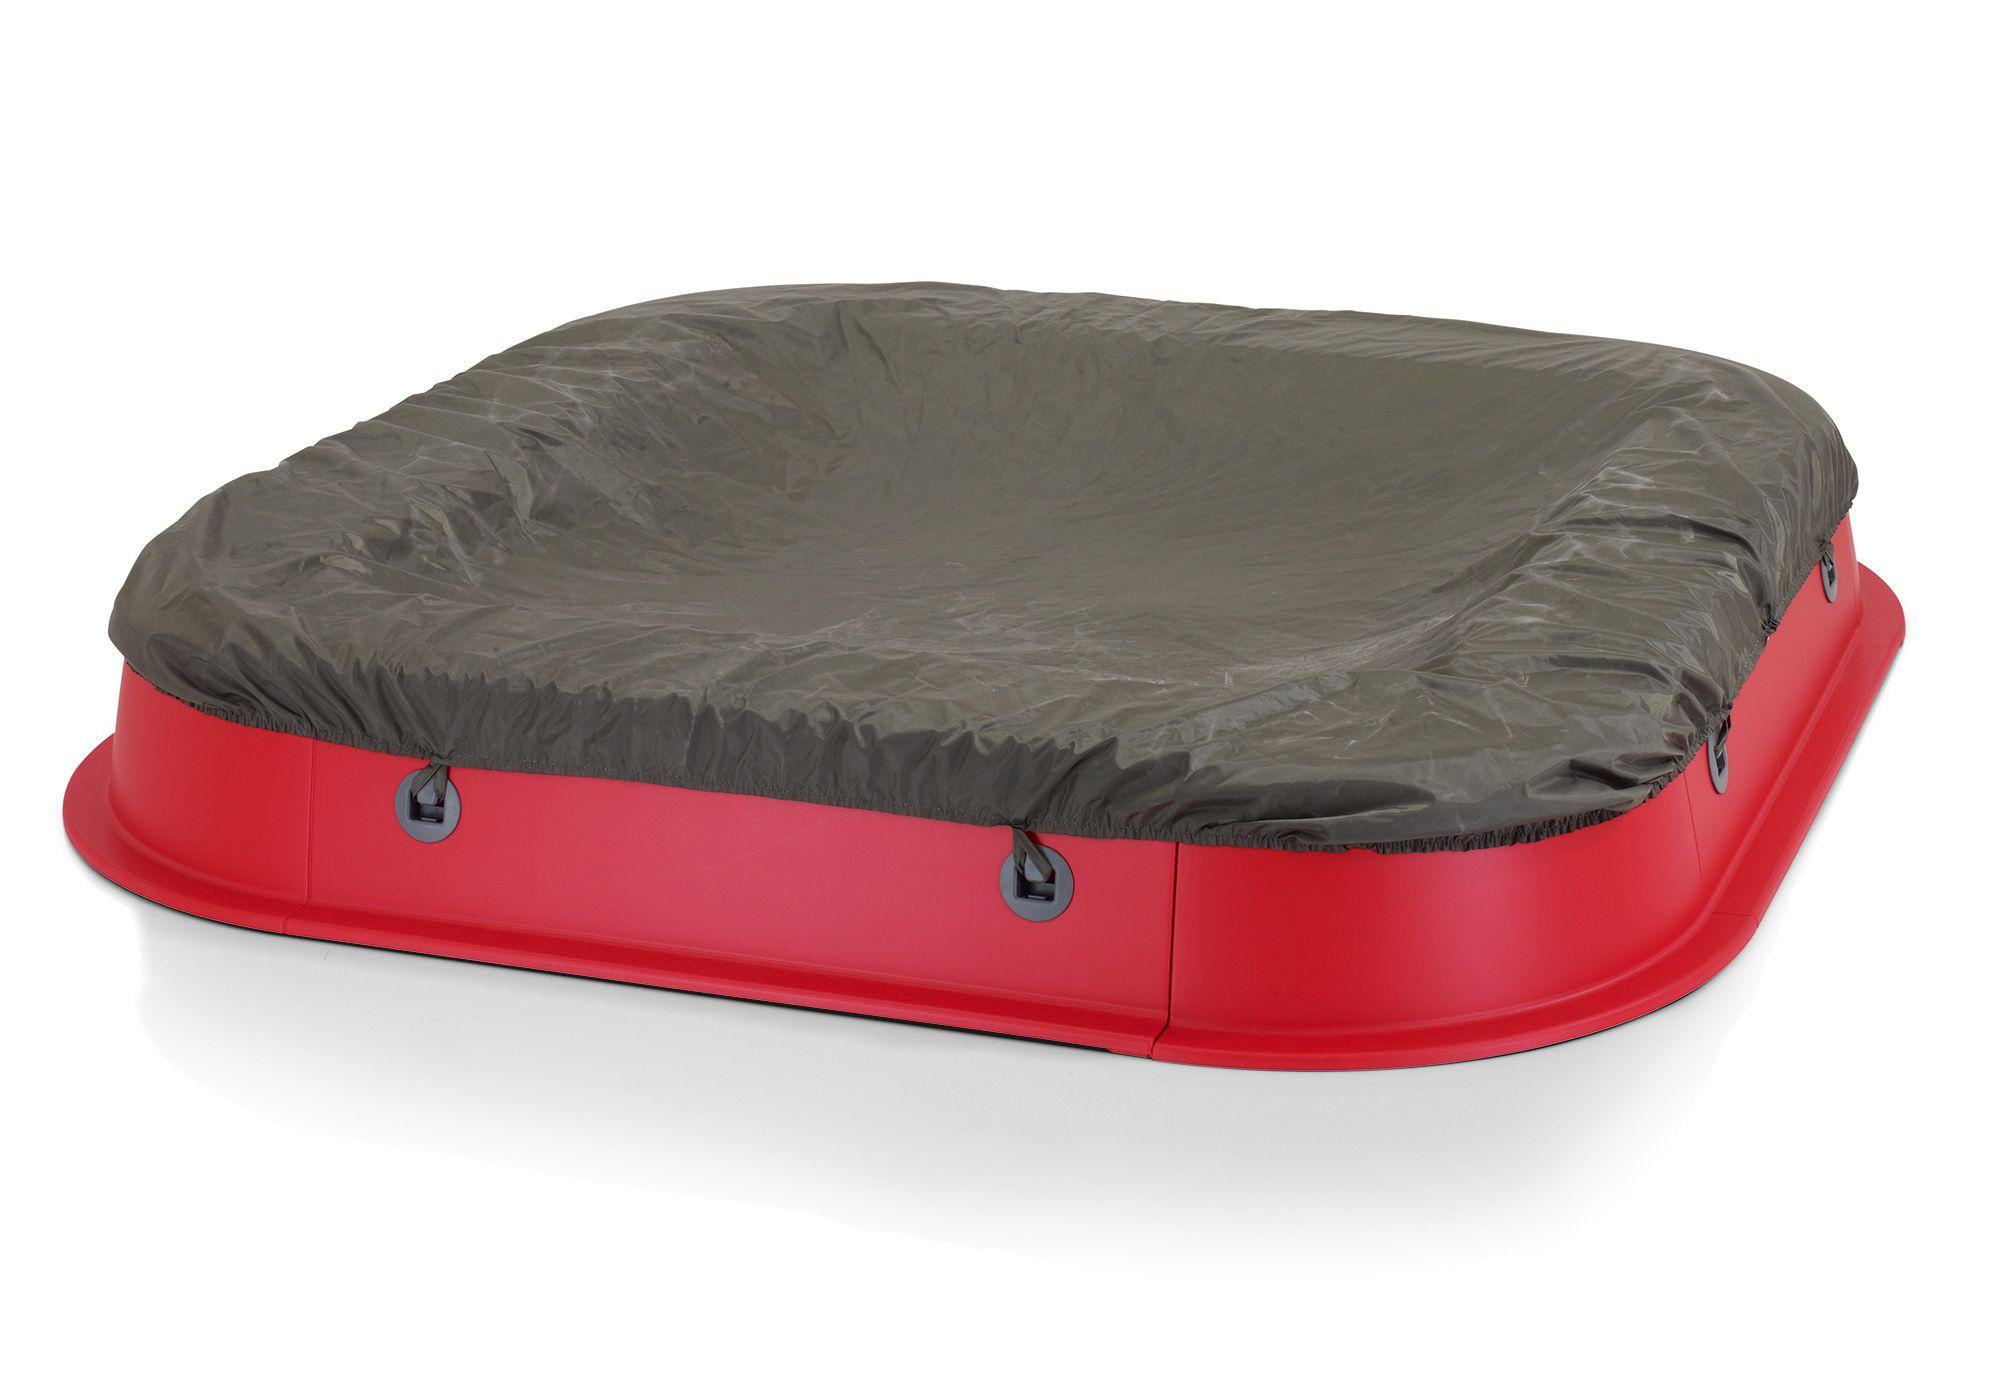 abdeckung sandkasten g nstig online kaufen beim schwab versand. Black Bedroom Furniture Sets. Home Design Ideas